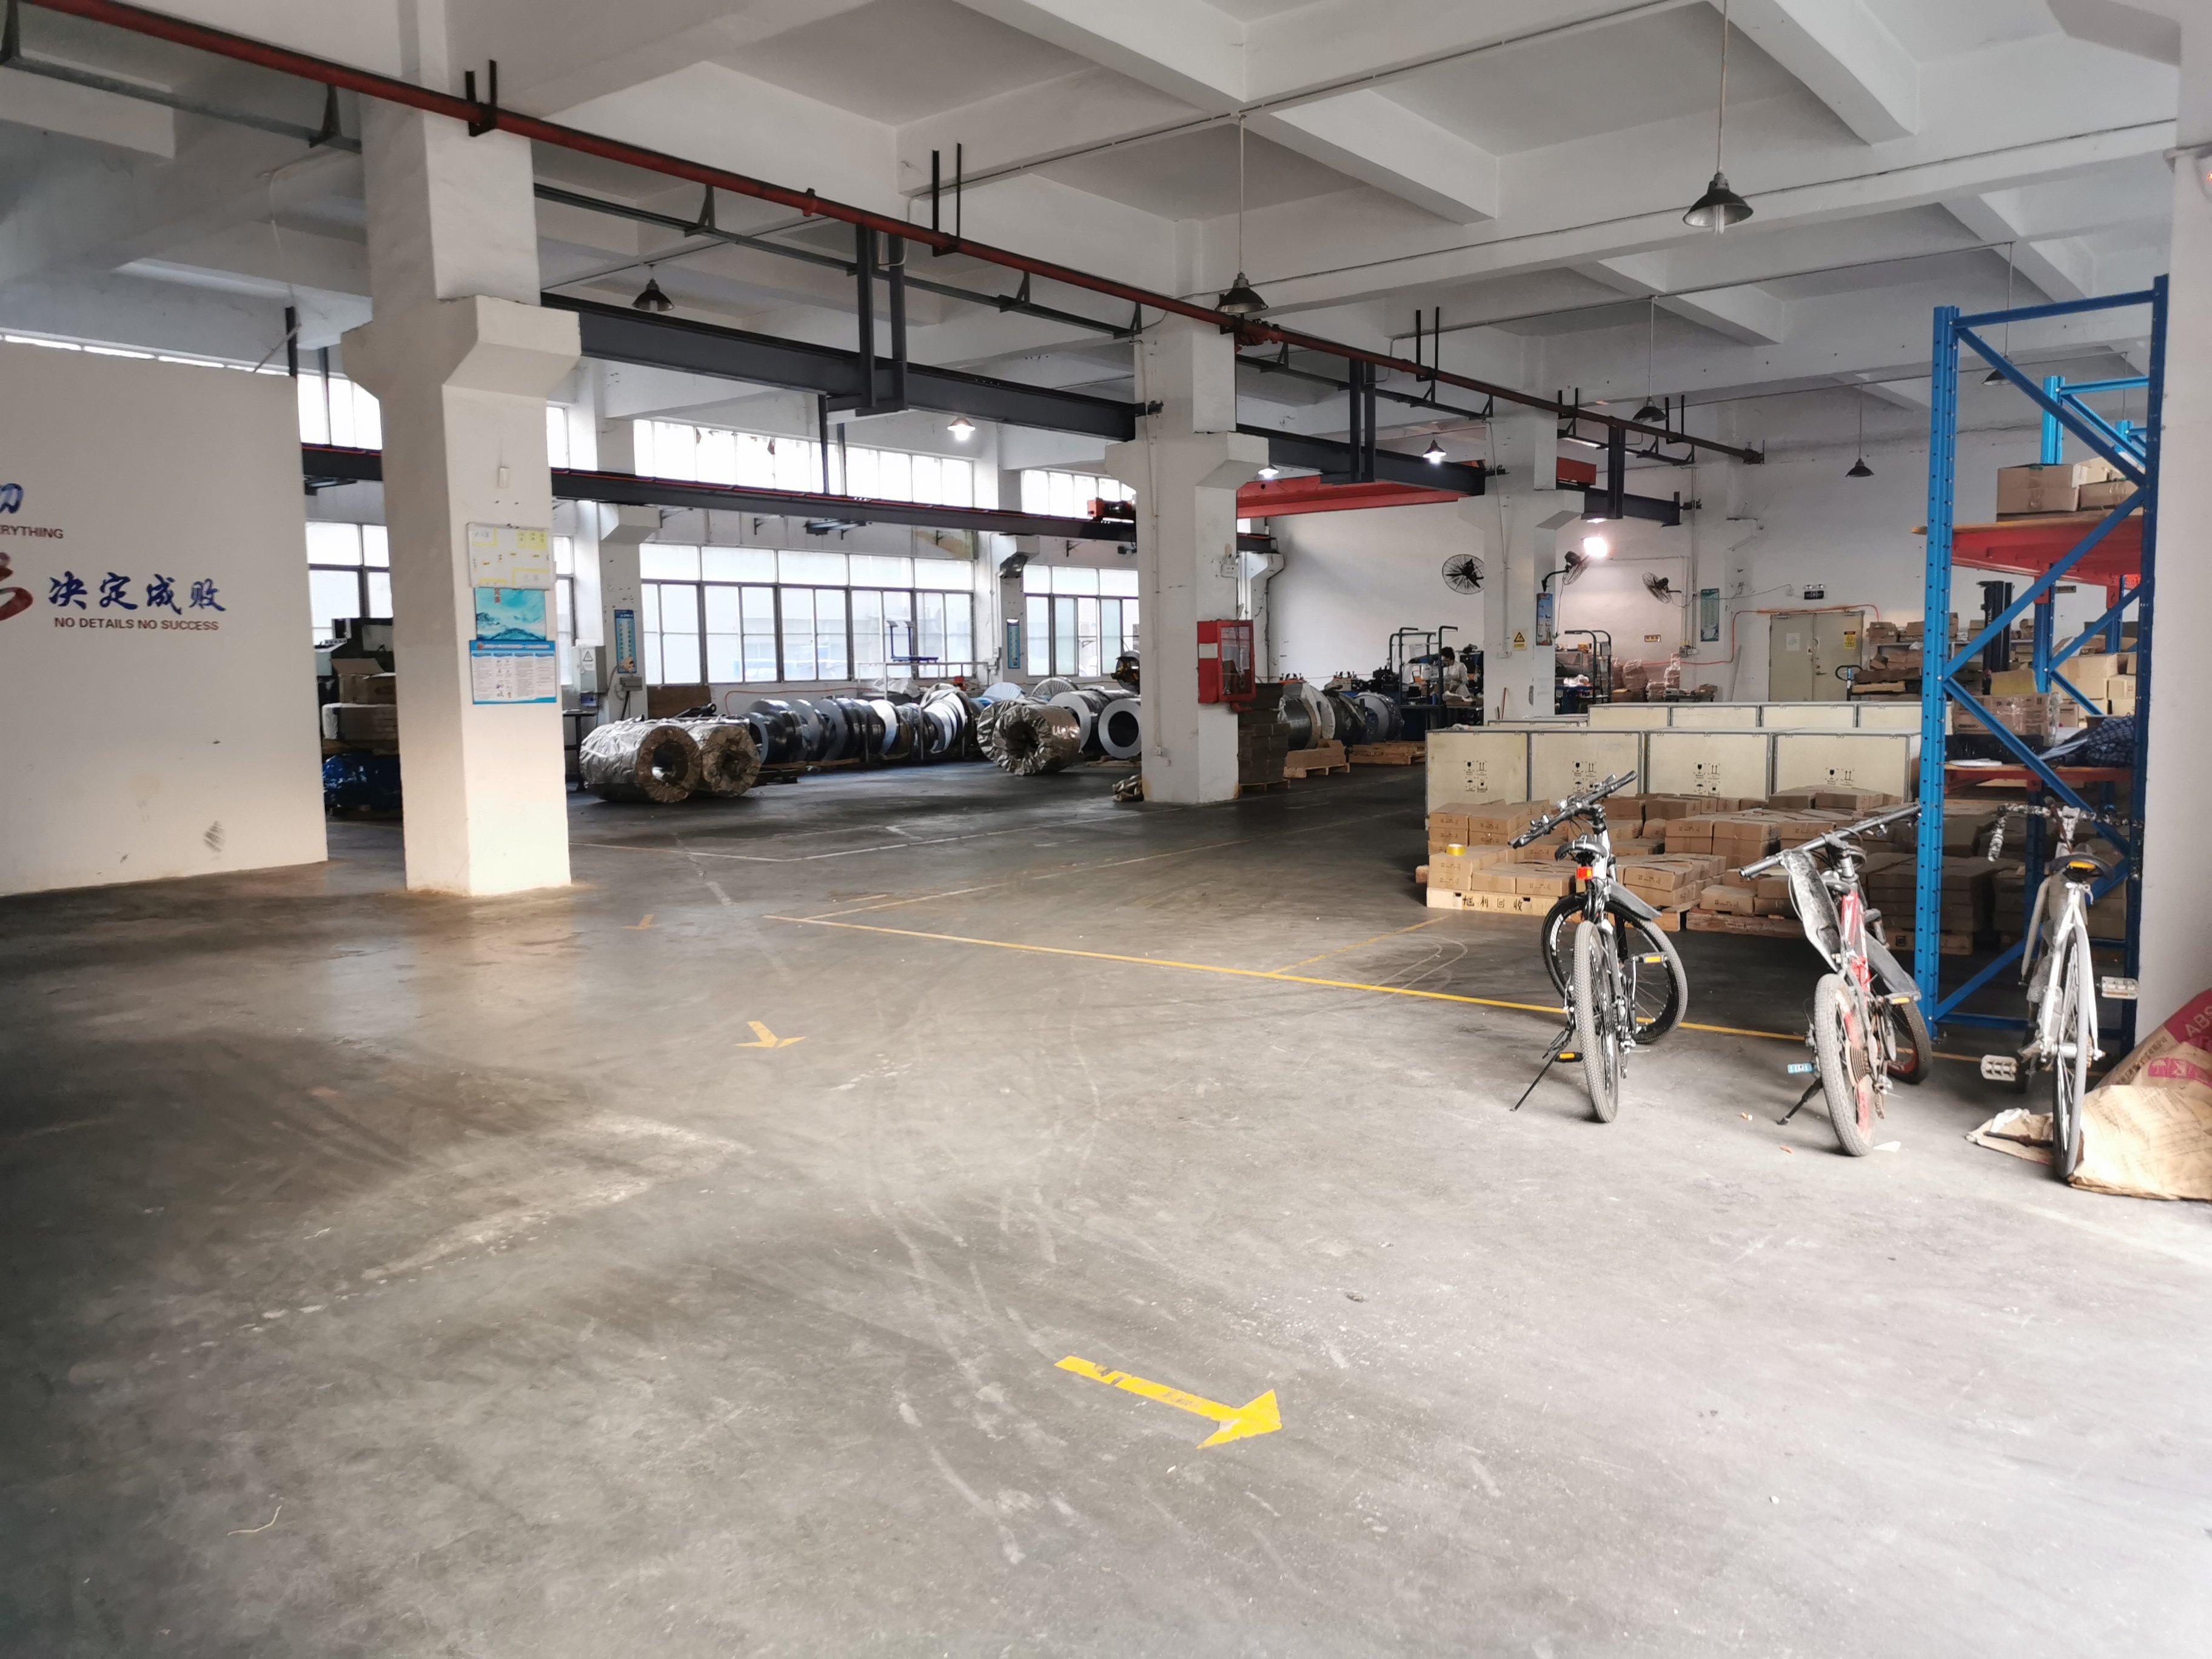 公明上村莲塘工业区一楼1100平方,高度6米带牛腿